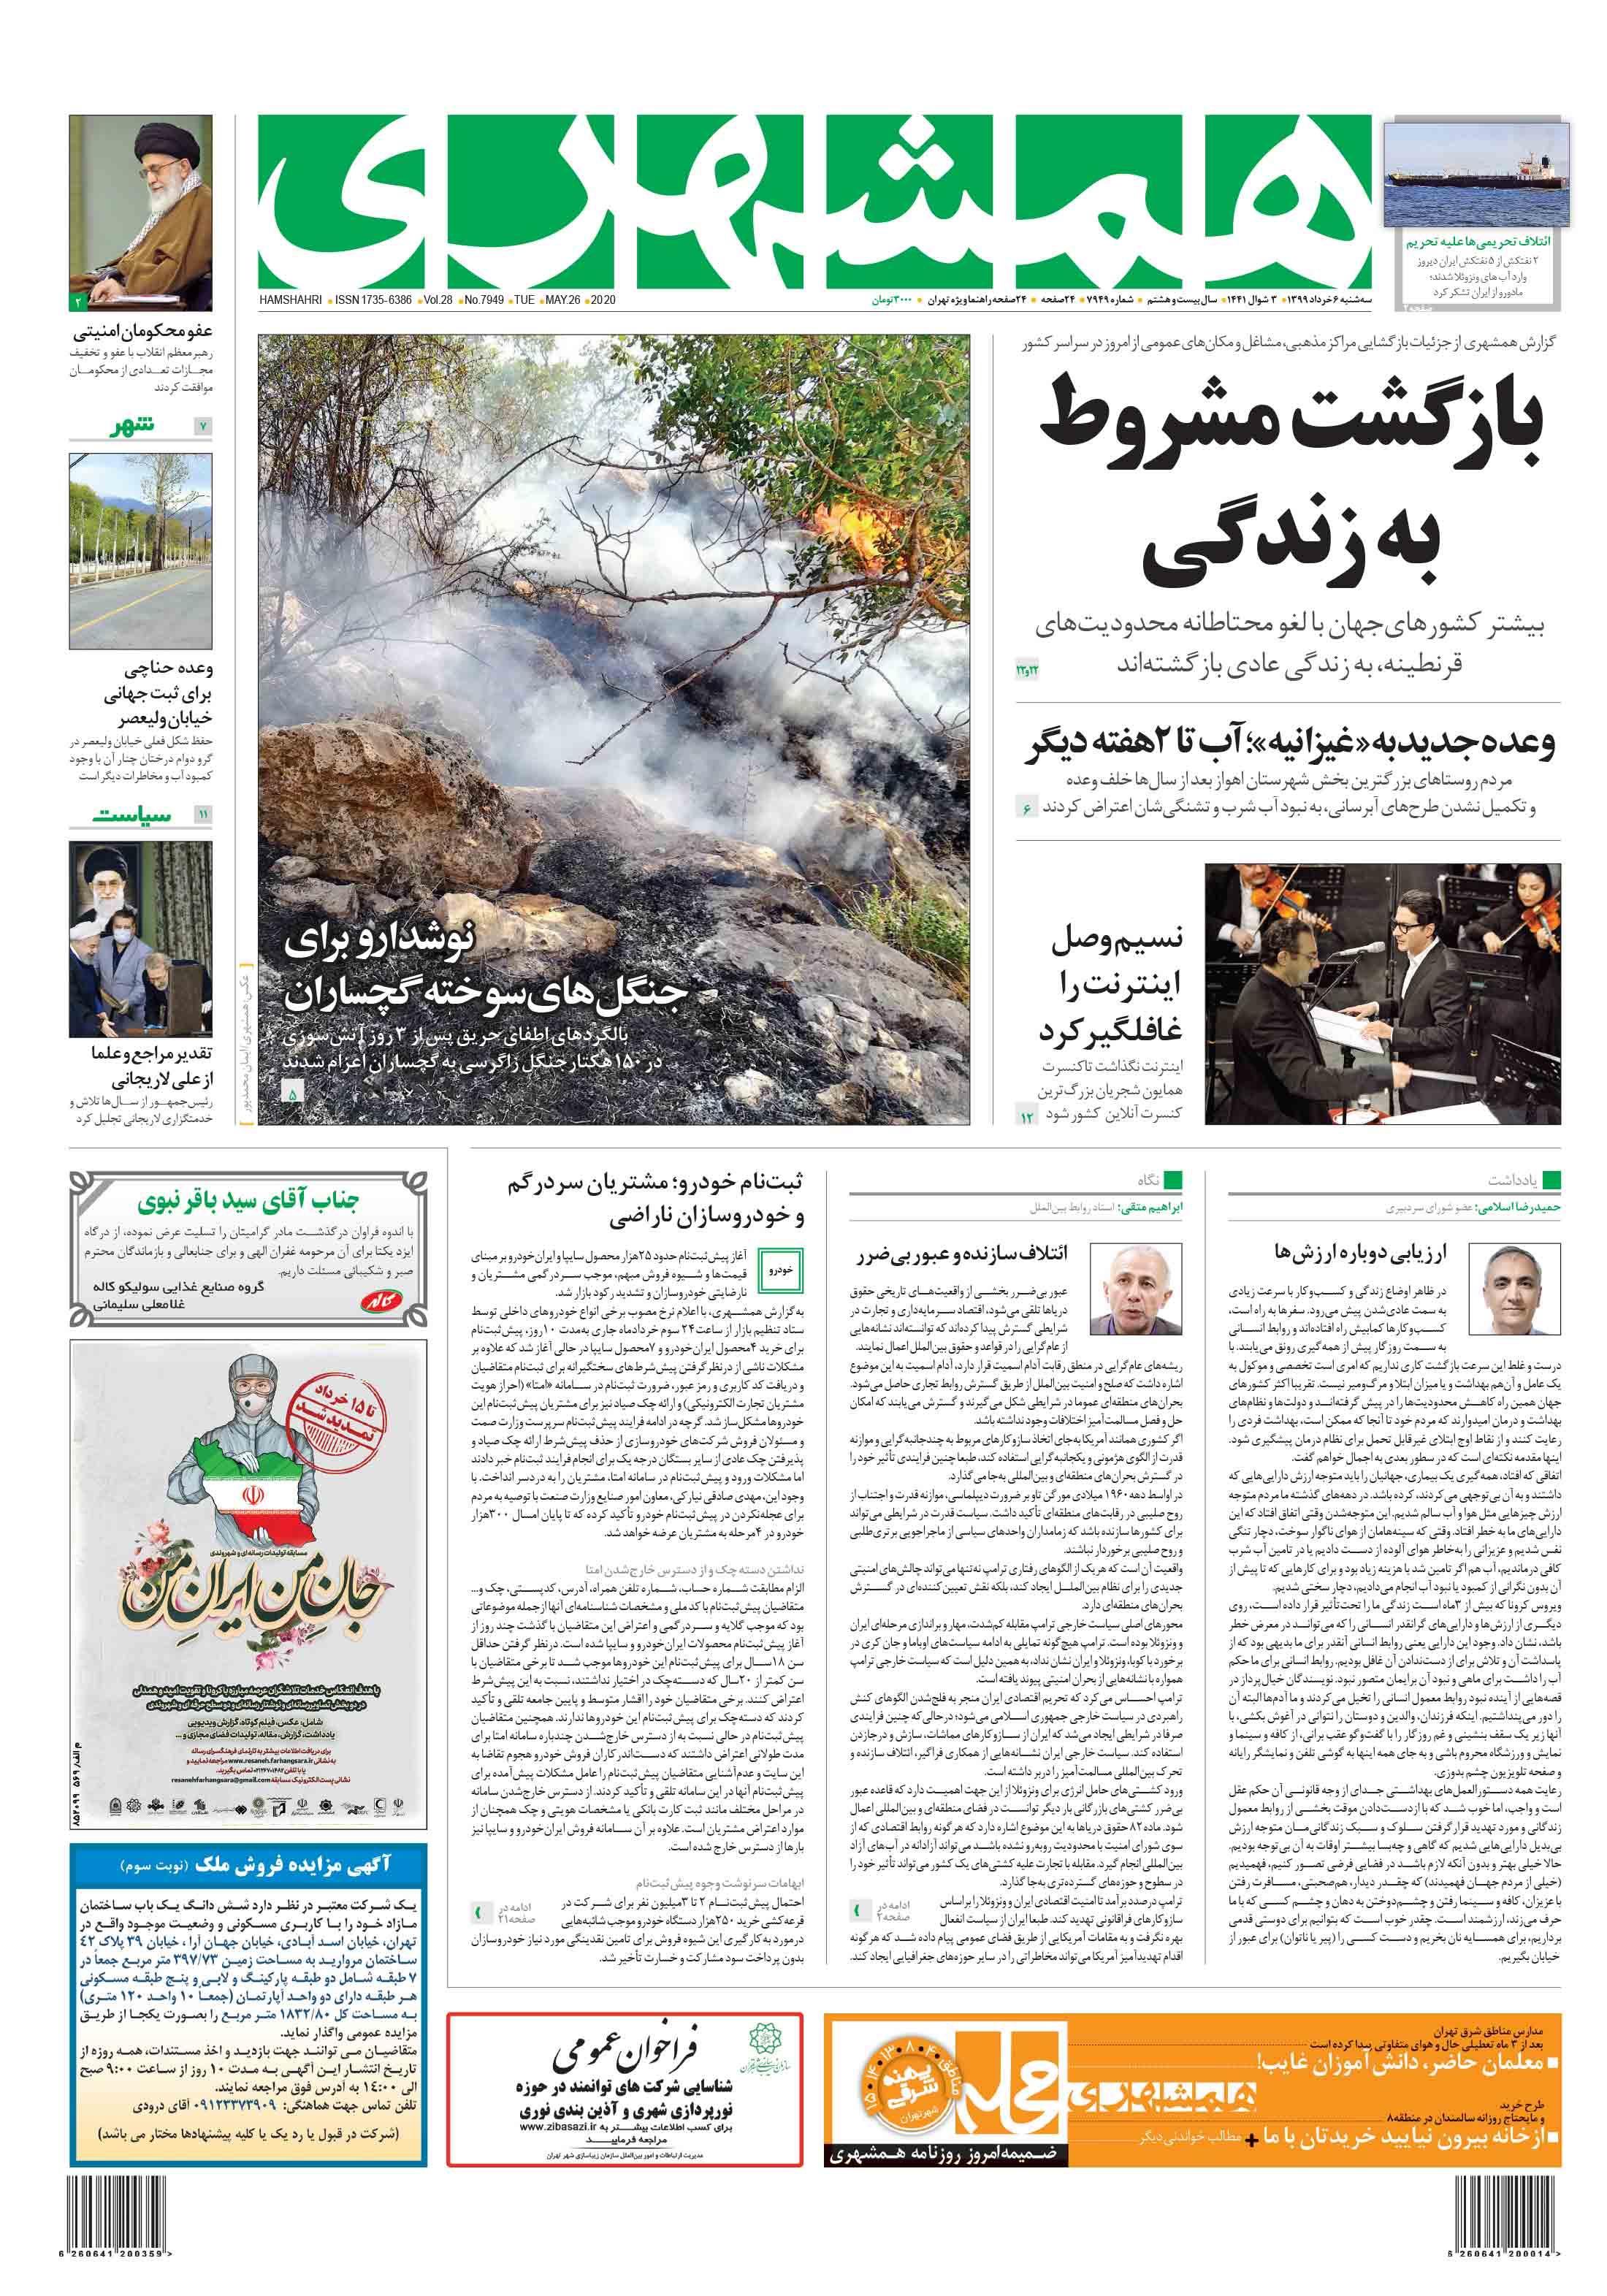 صفحه اول سه شنبه 6 خرداد 1399